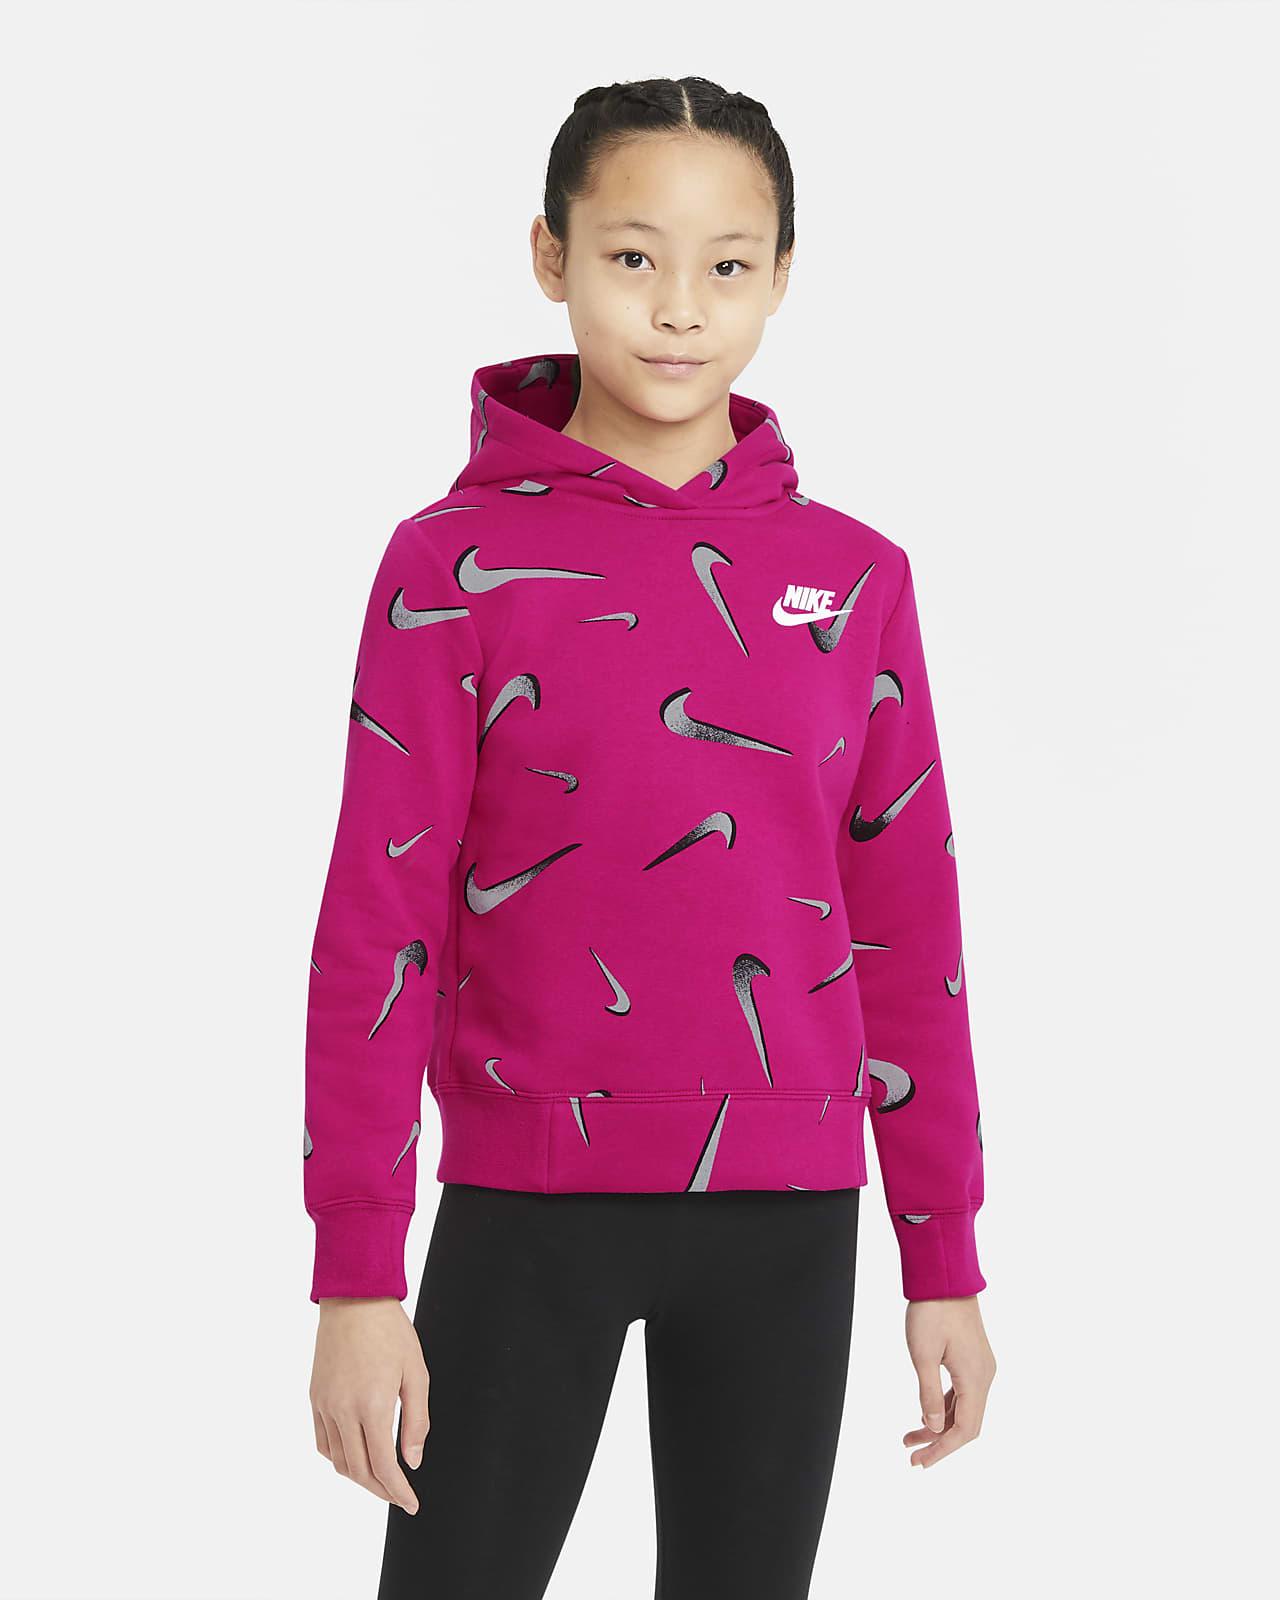 Nike Sportswear mintás kapucnis pulóver nagyobb gyerekeknek (lányok)